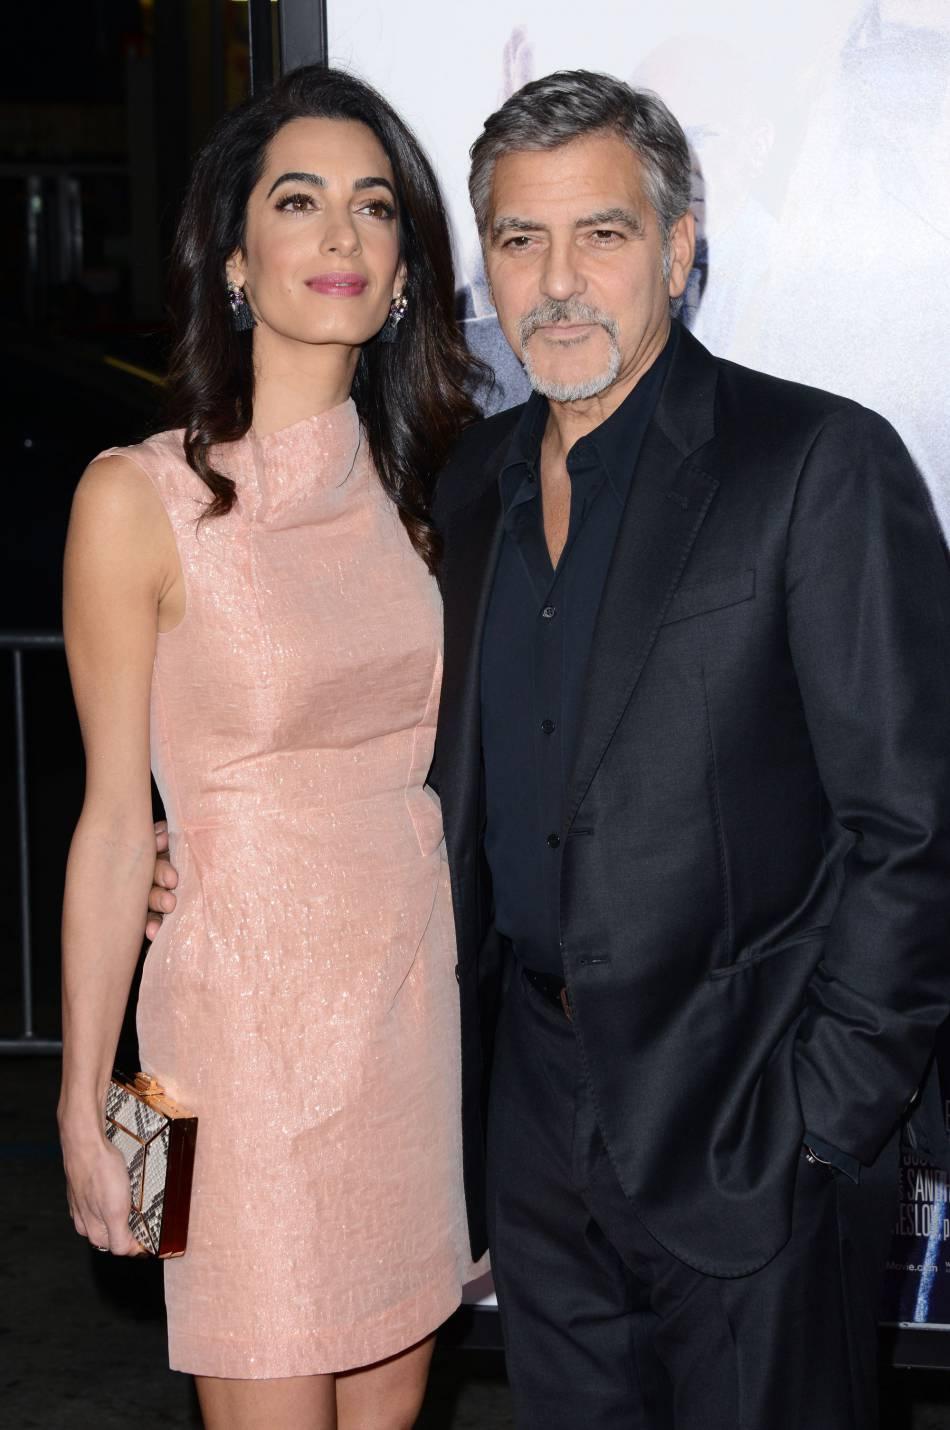 À 54 ans, George Clooney affirme avoir trouvé son âme soeur.